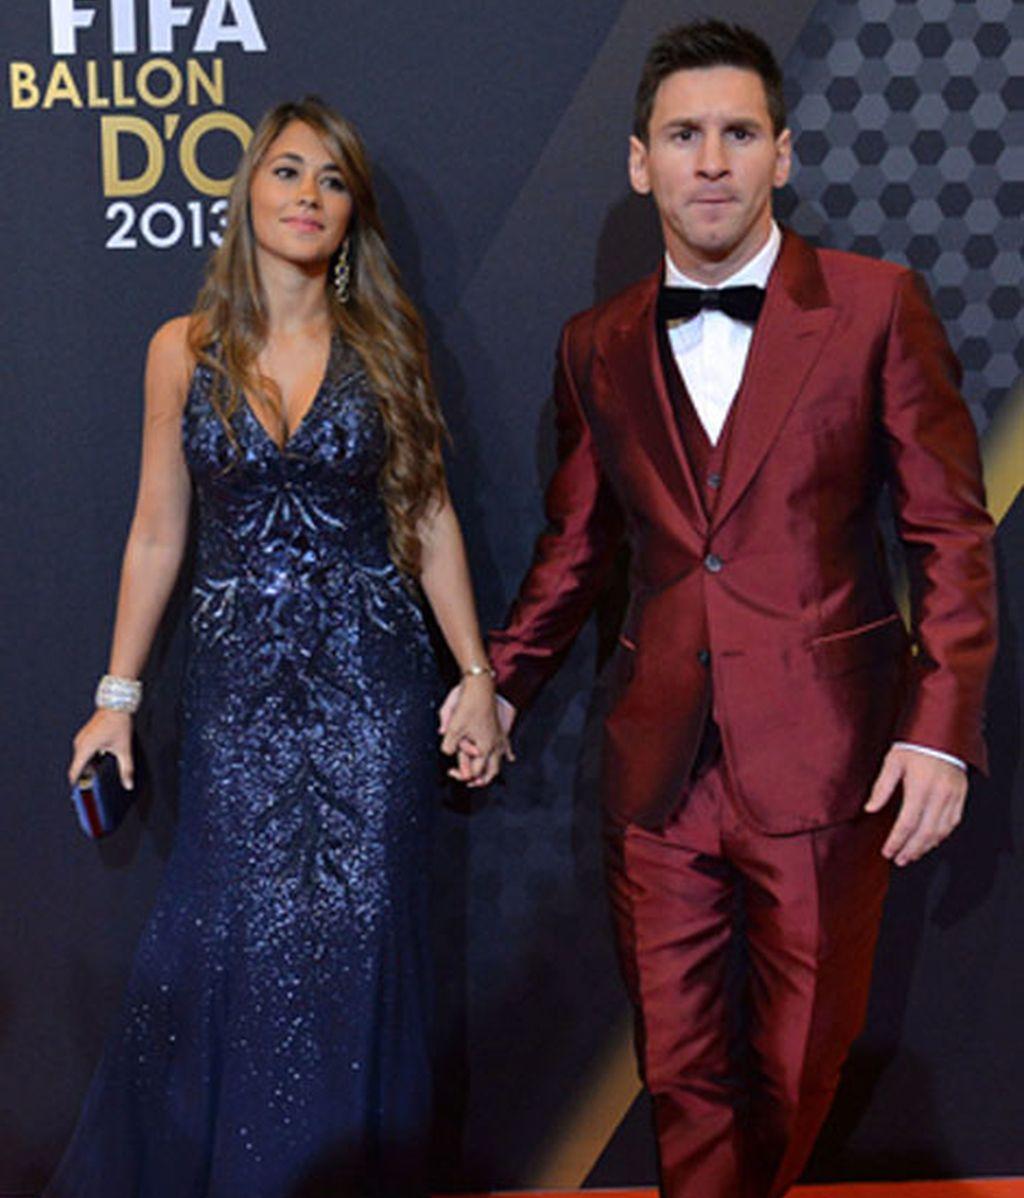 Gala de entrega del Balón de Oro-FIFA 2013